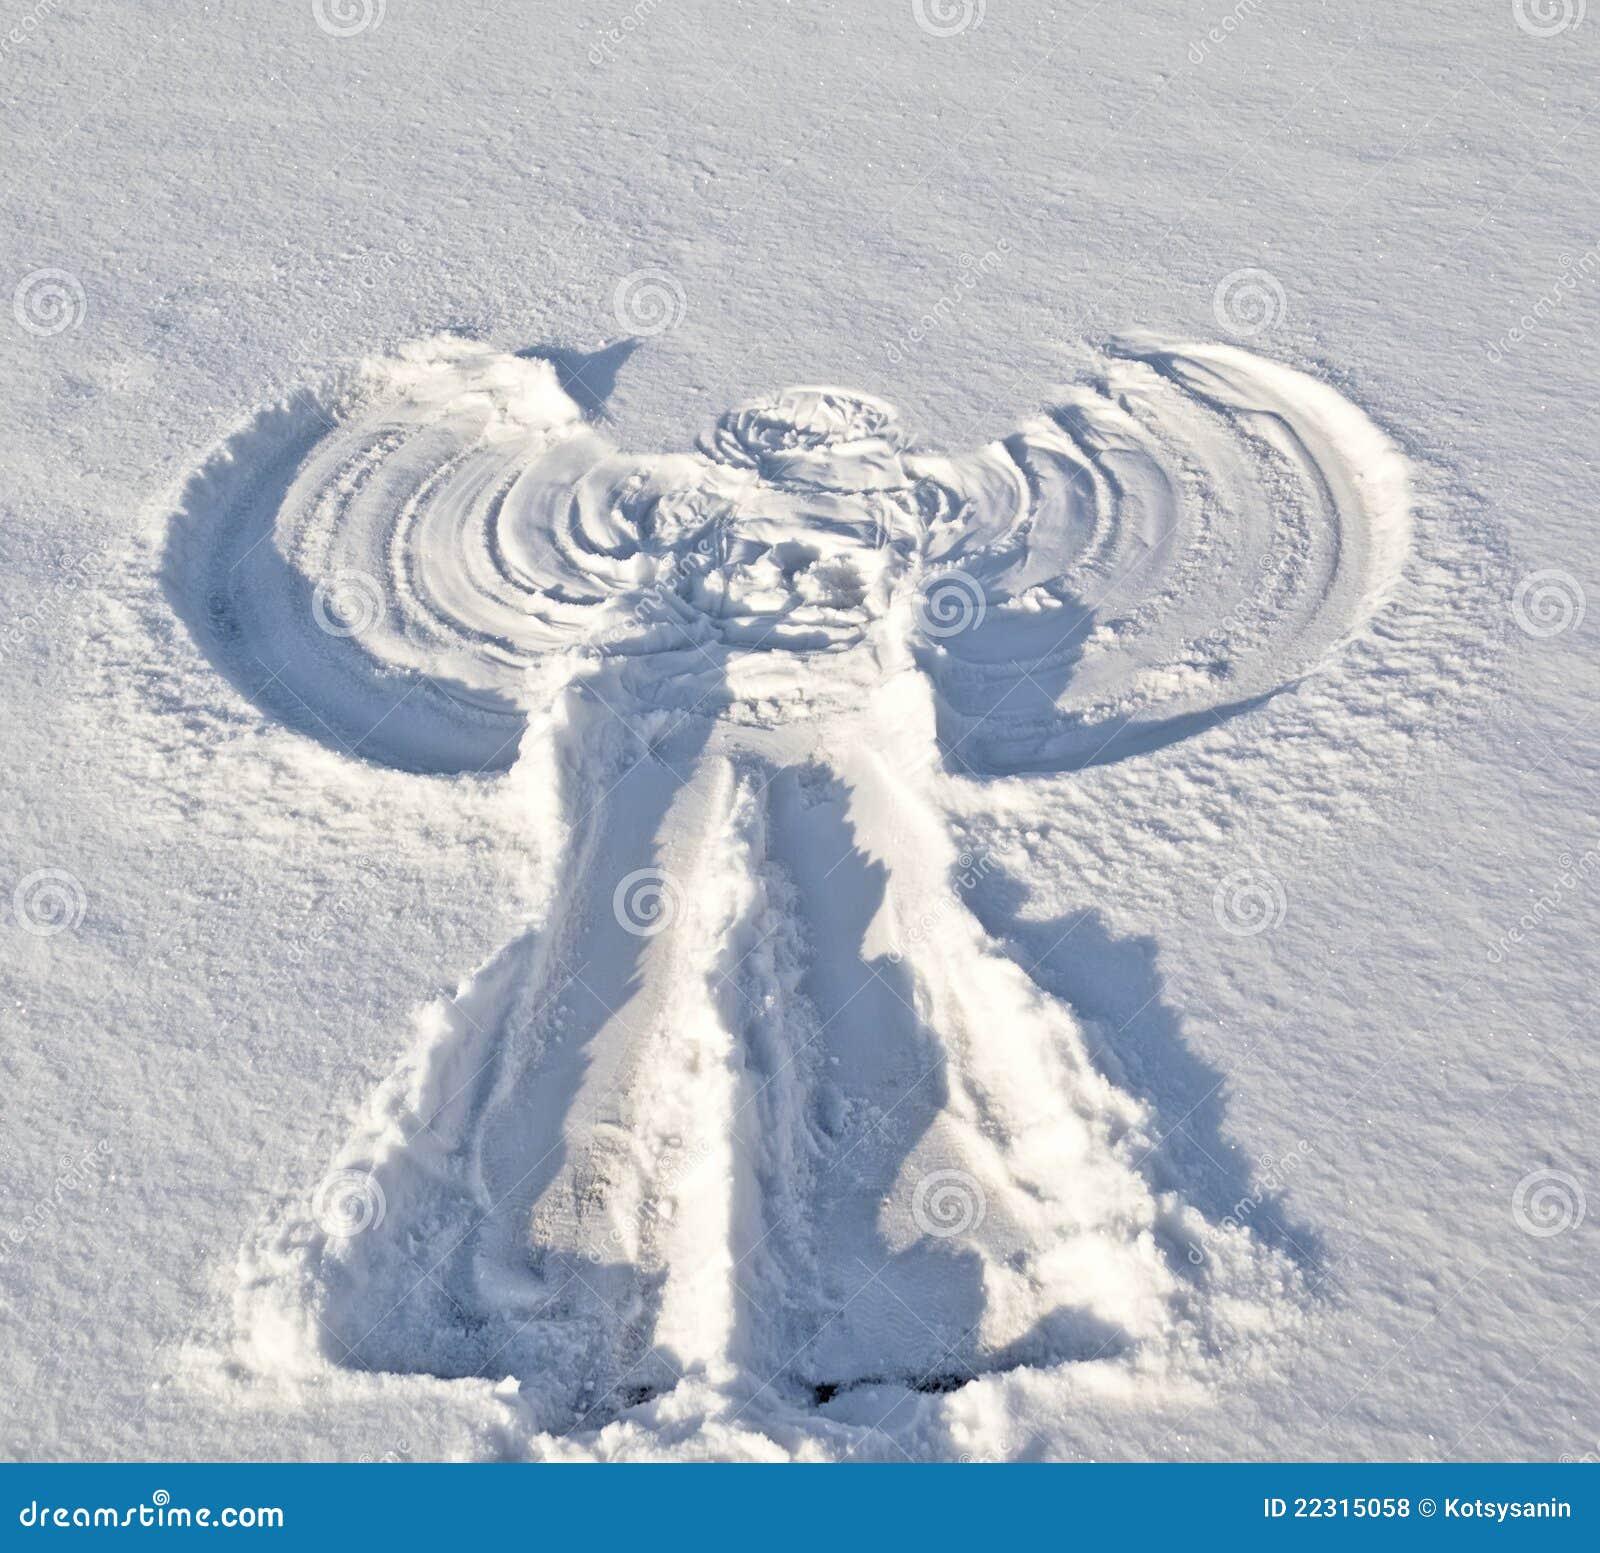 engel im schnee film